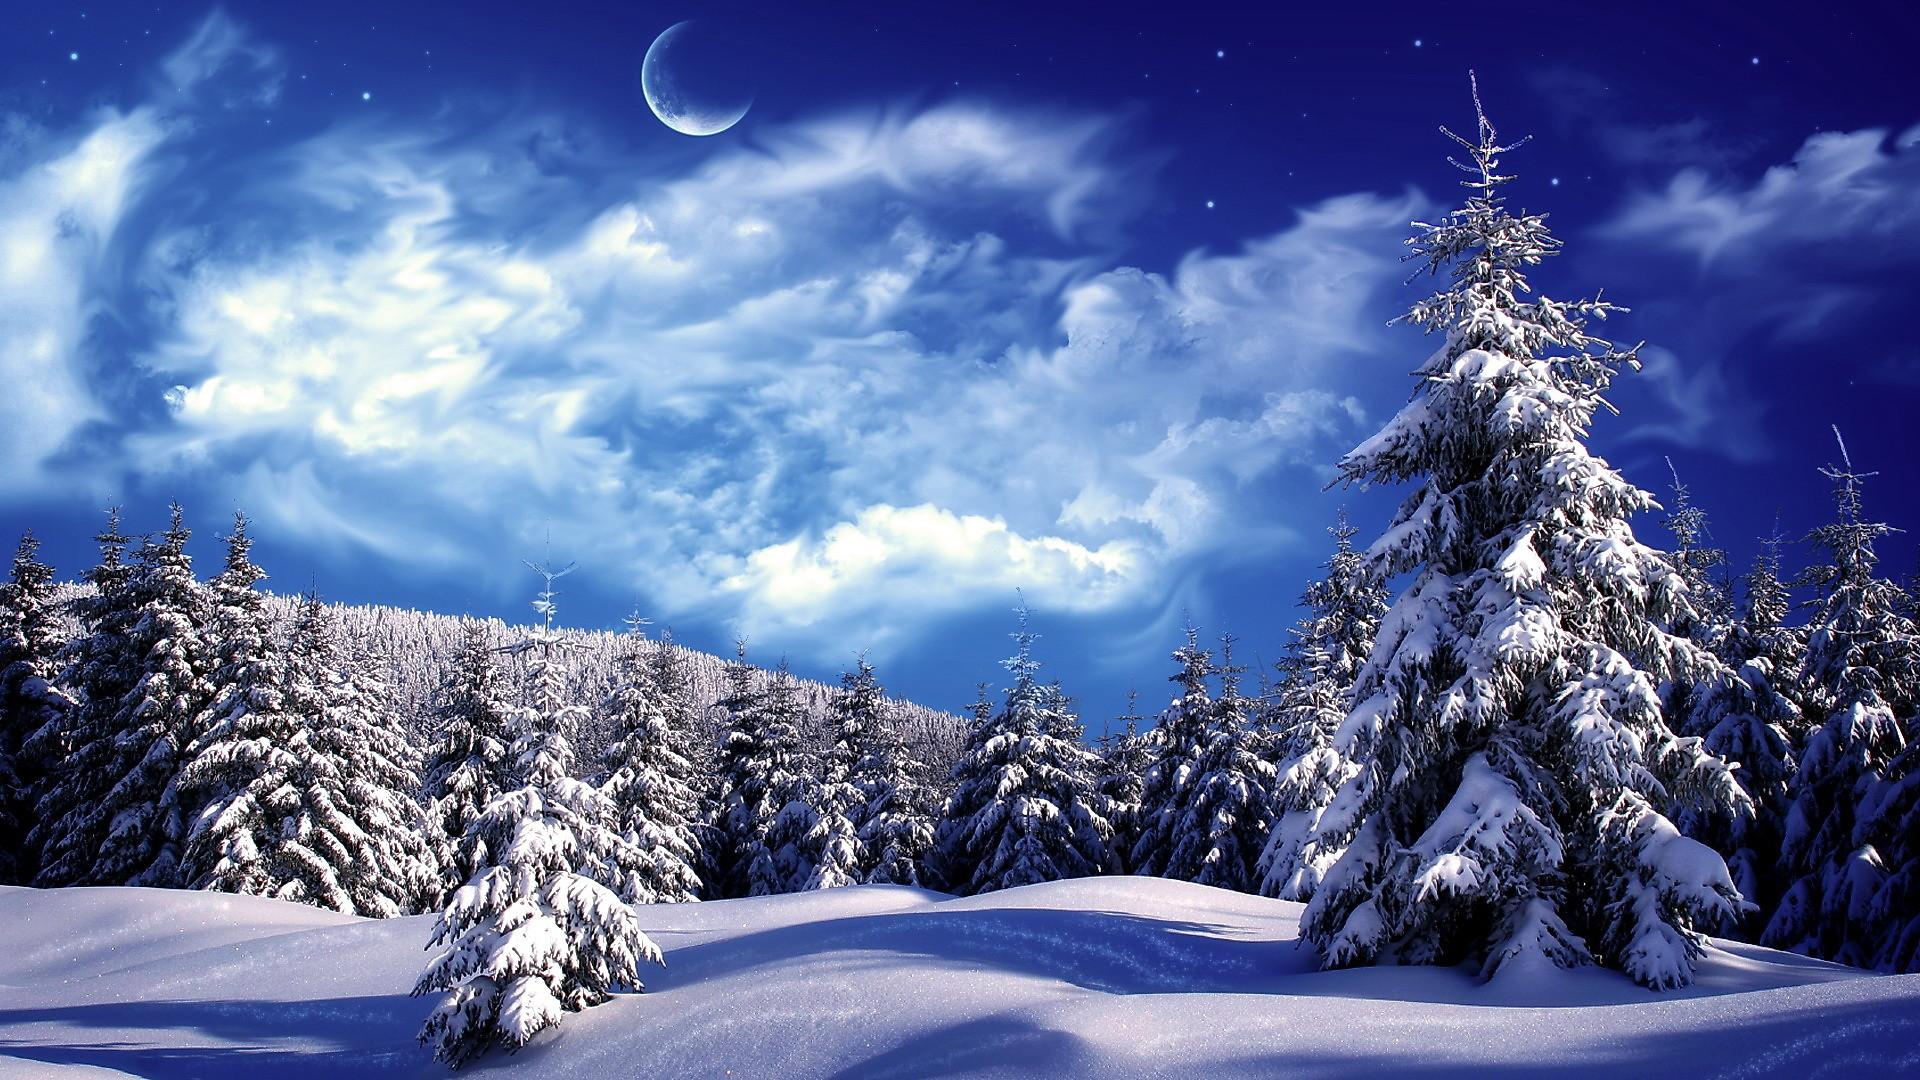 Snowy Winter Scenes Wallpaper   Snowy wonderland, mountain, scene, sky,  snow,